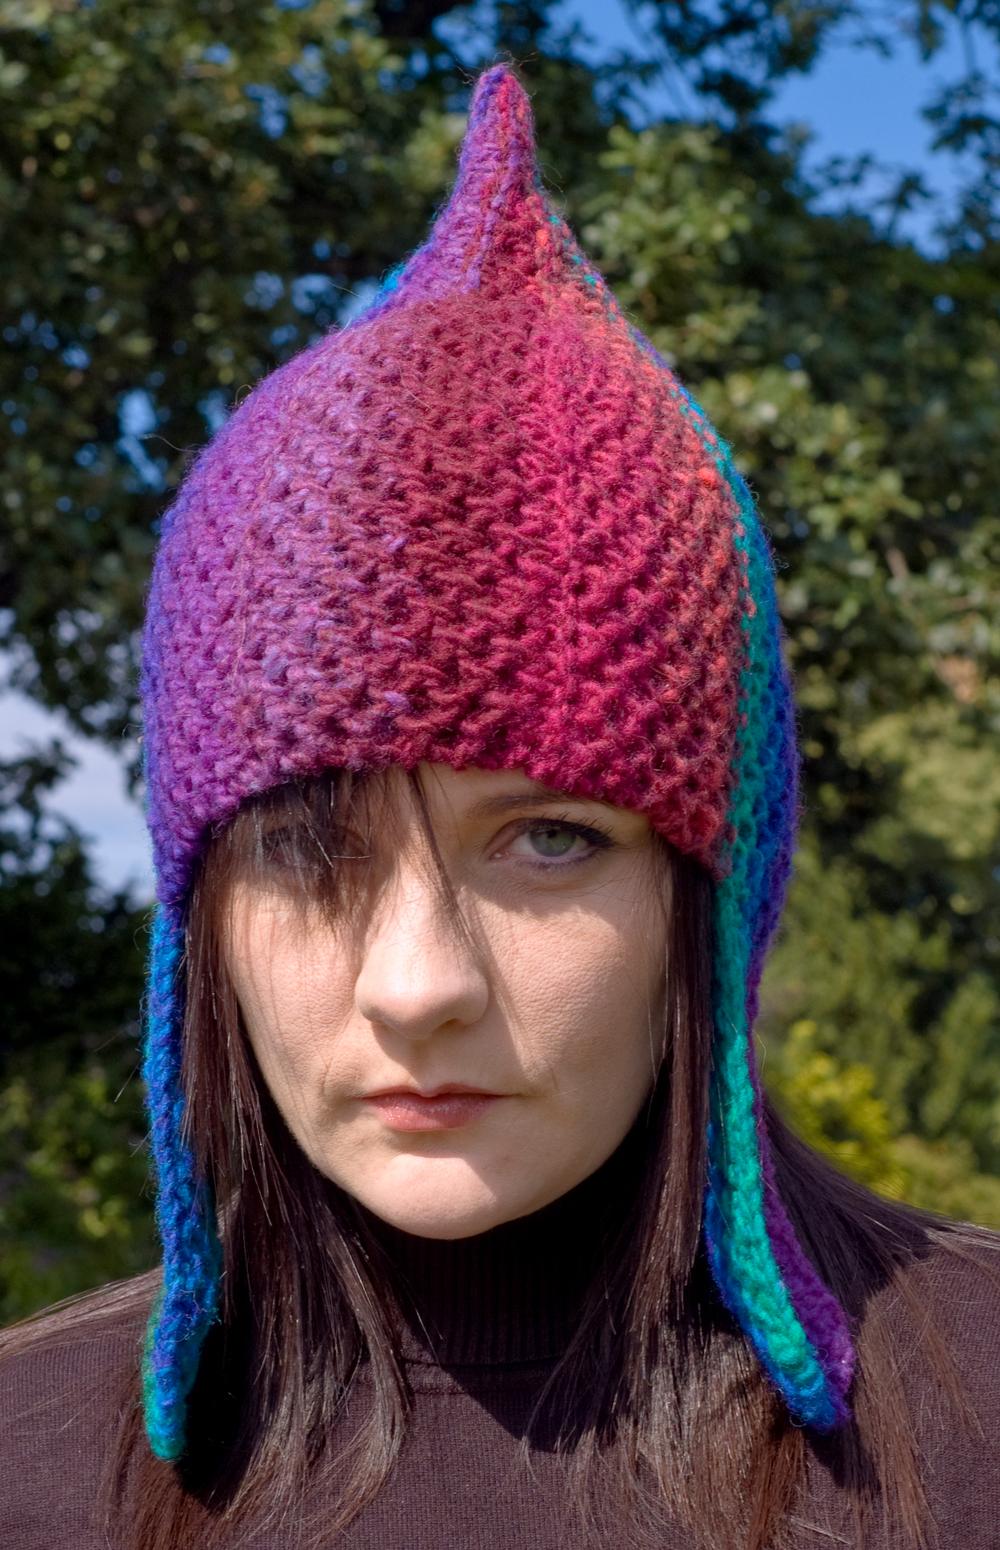 Rainbow Warrior chullo pixie Hat knitting pattern